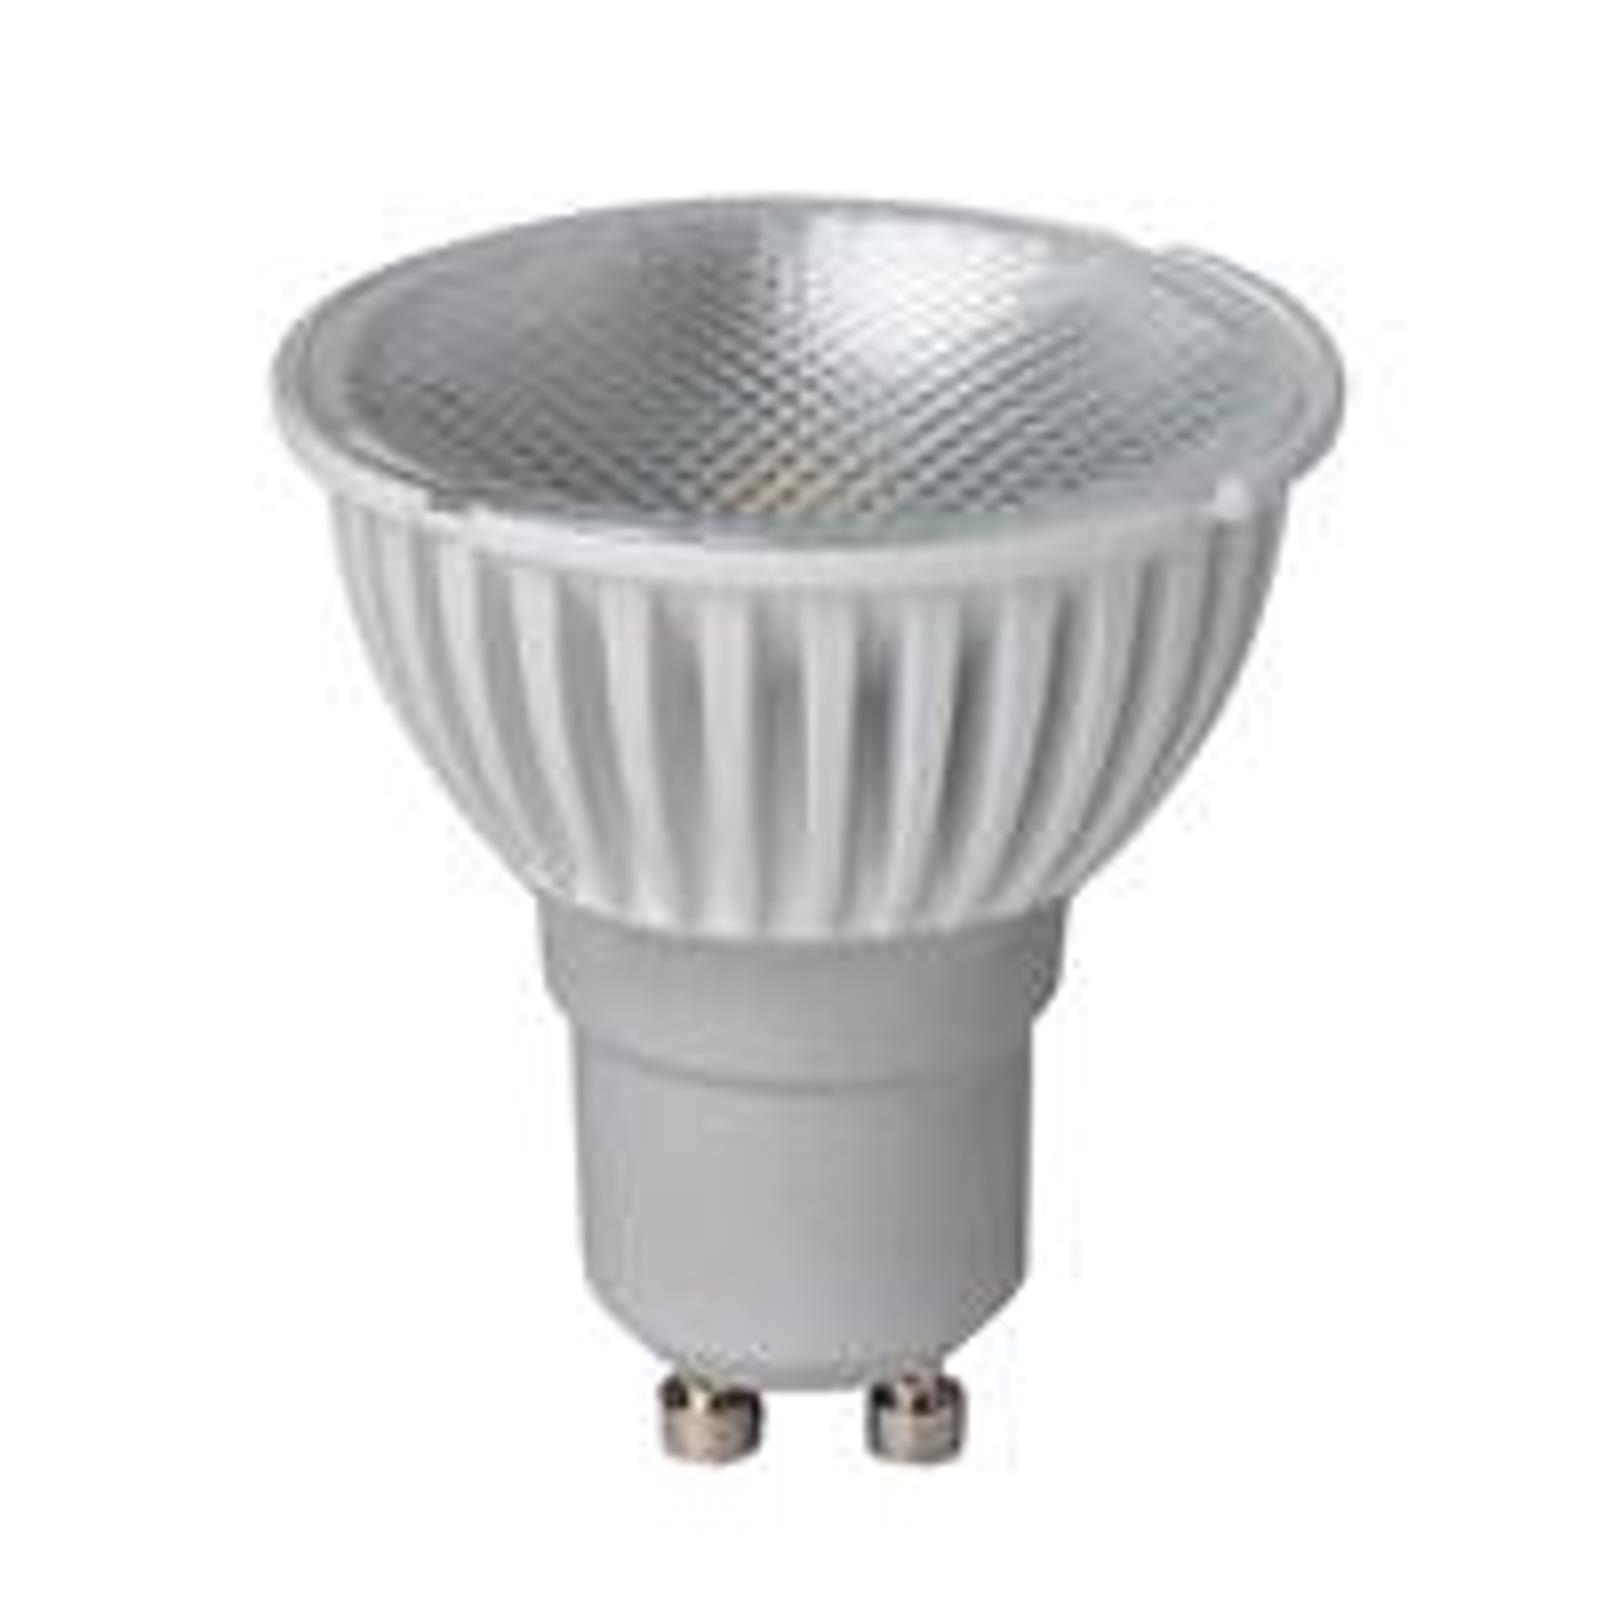 GU10 5,5 W PAR16 828 lampa reflektor LED 35°